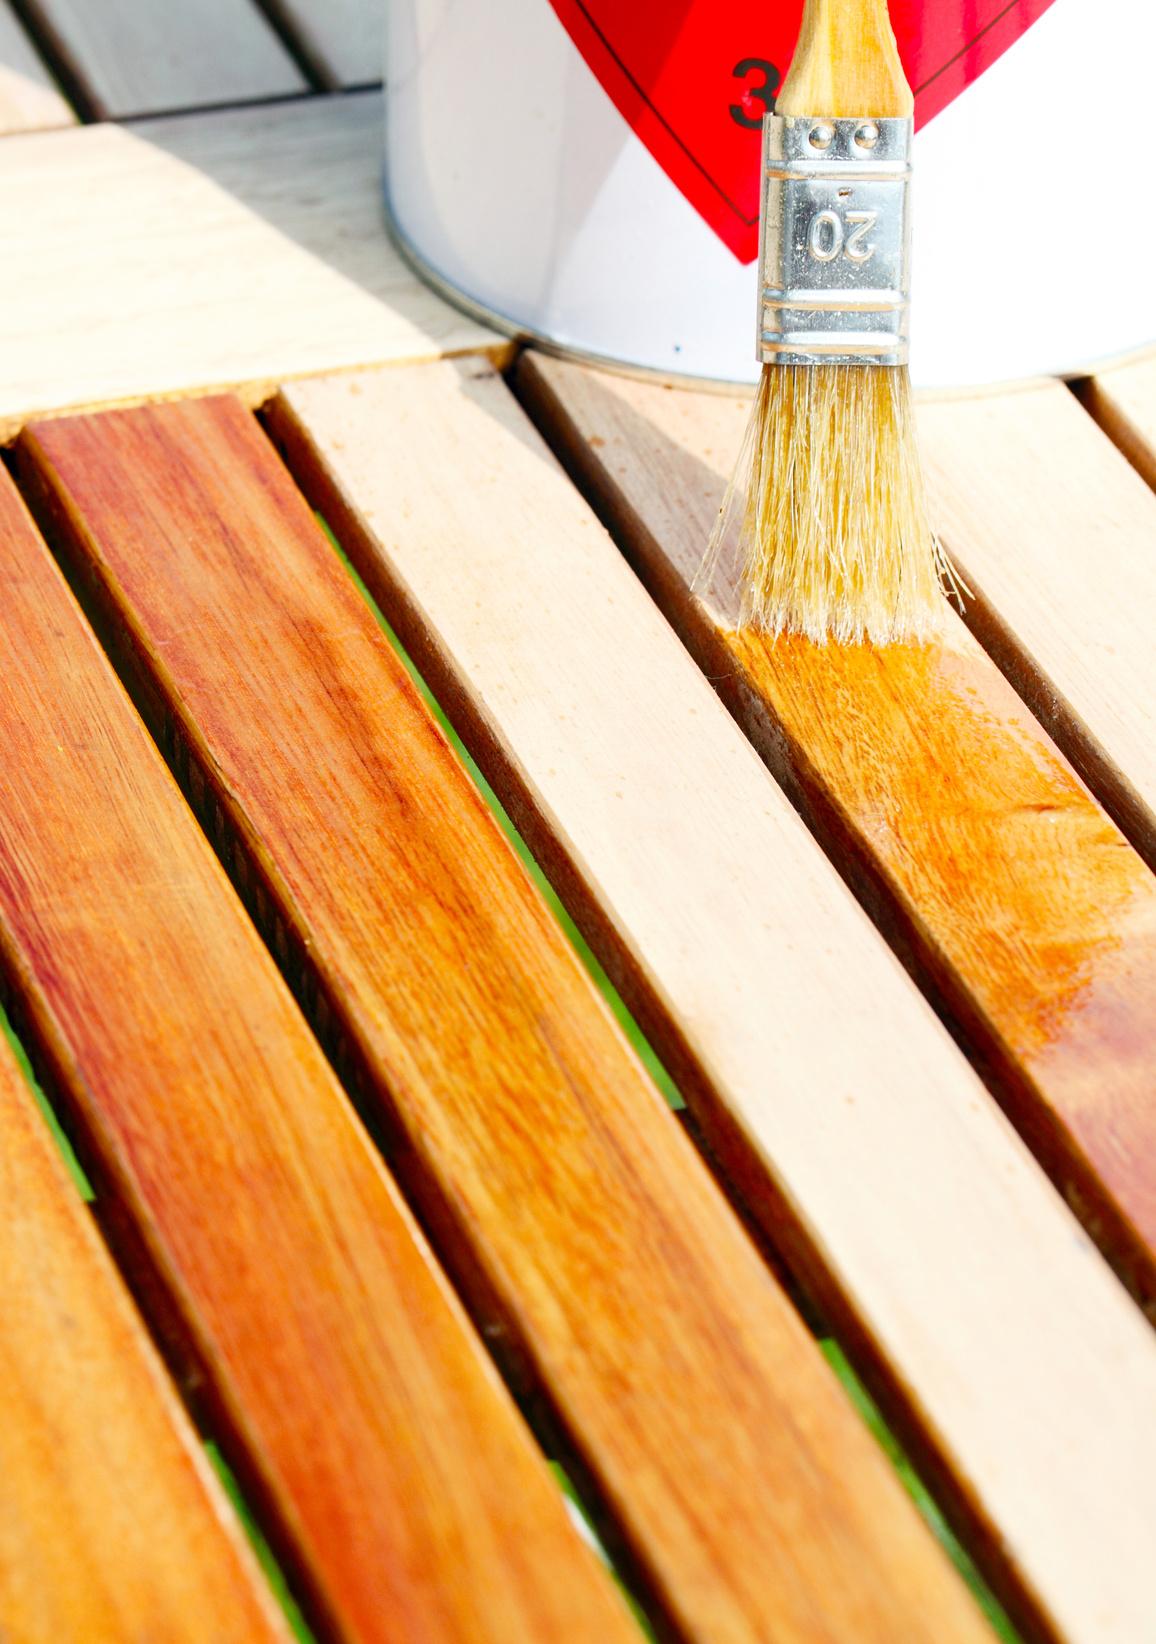 chemischer holzschutz wirksame und dekorative anstriche farbenhaus turgetto. Black Bedroom Furniture Sets. Home Design Ideas